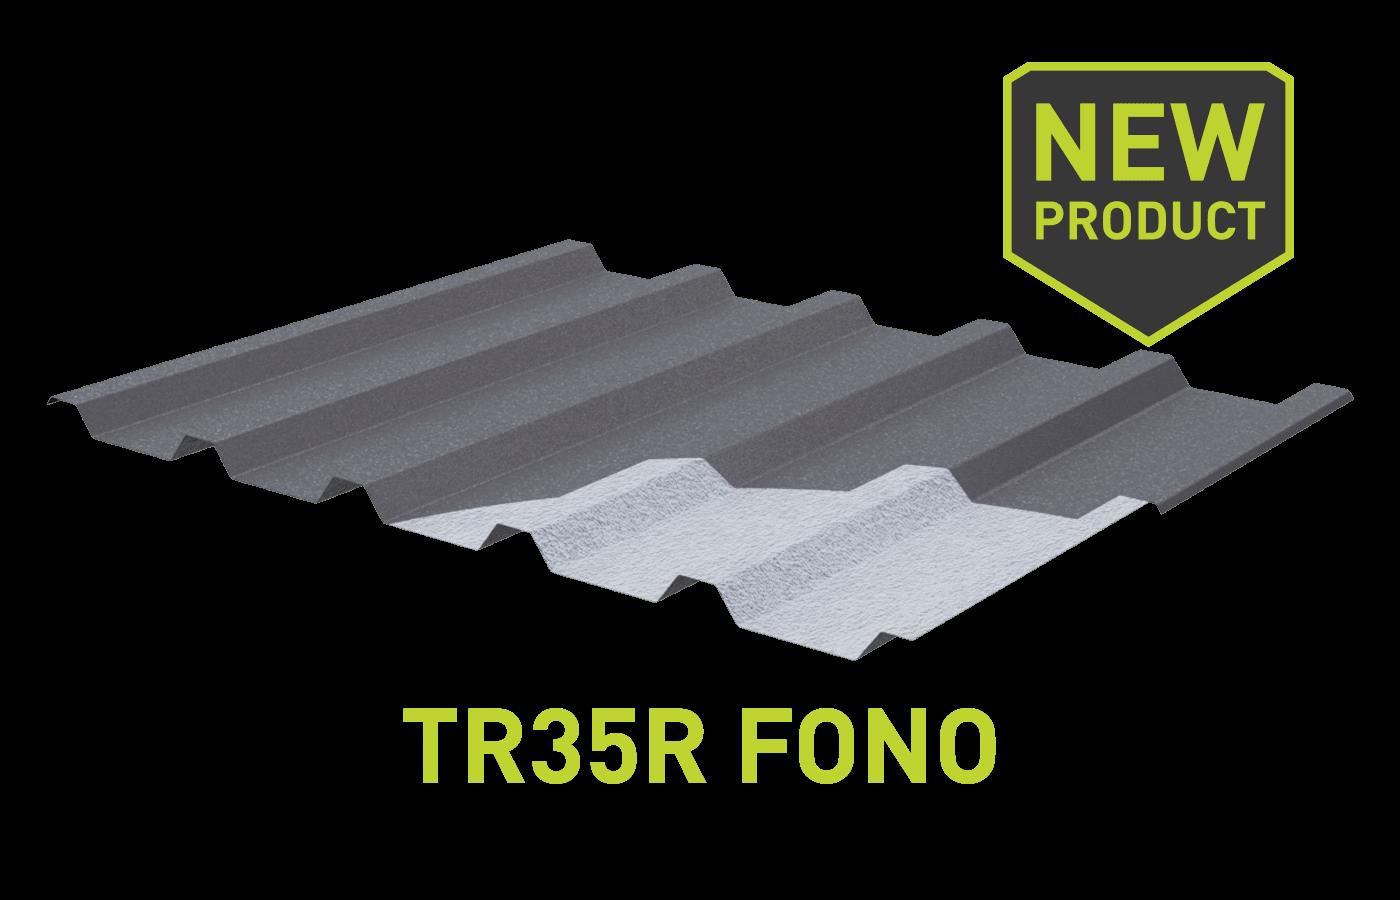 Metigla TR35R FONO